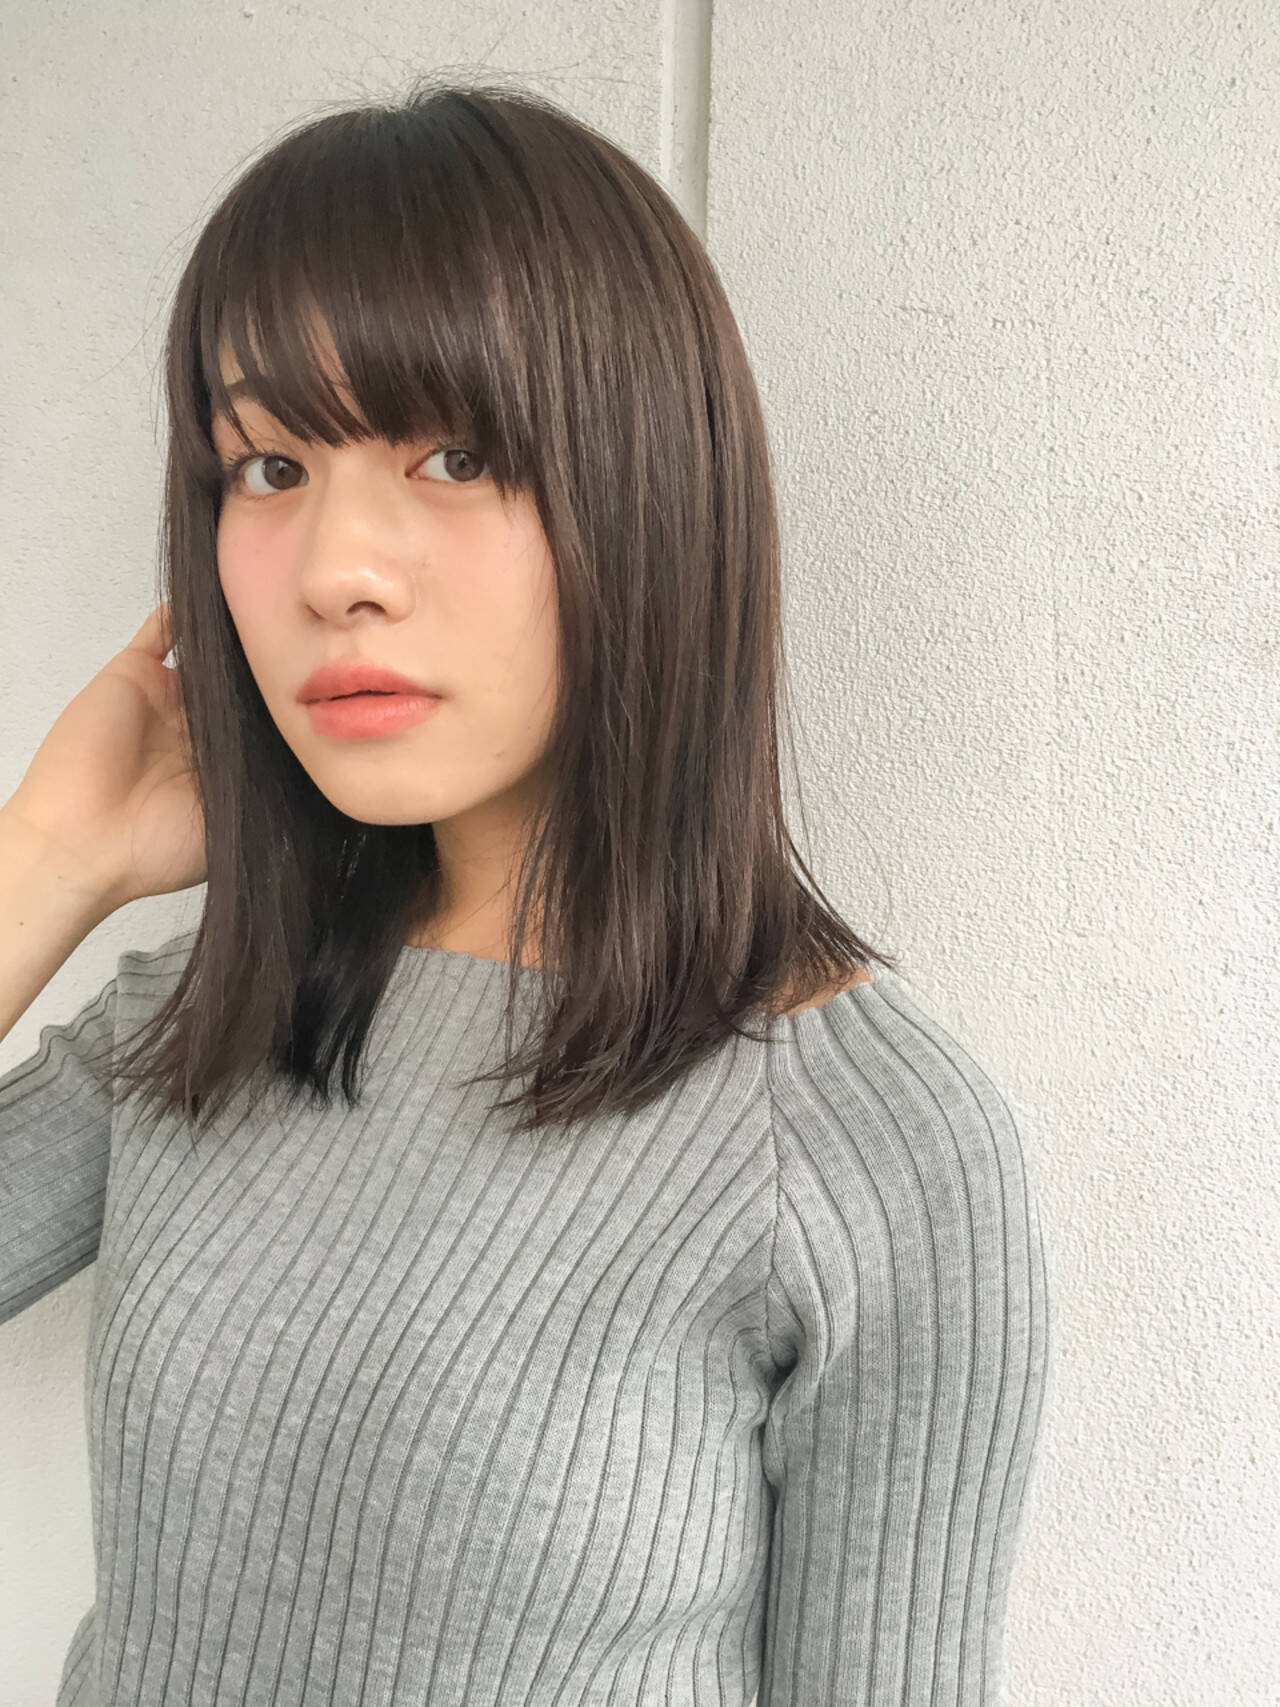 ミディアム 黒髪 暗髪 冬ヘアスタイルや髪型の写真・画像